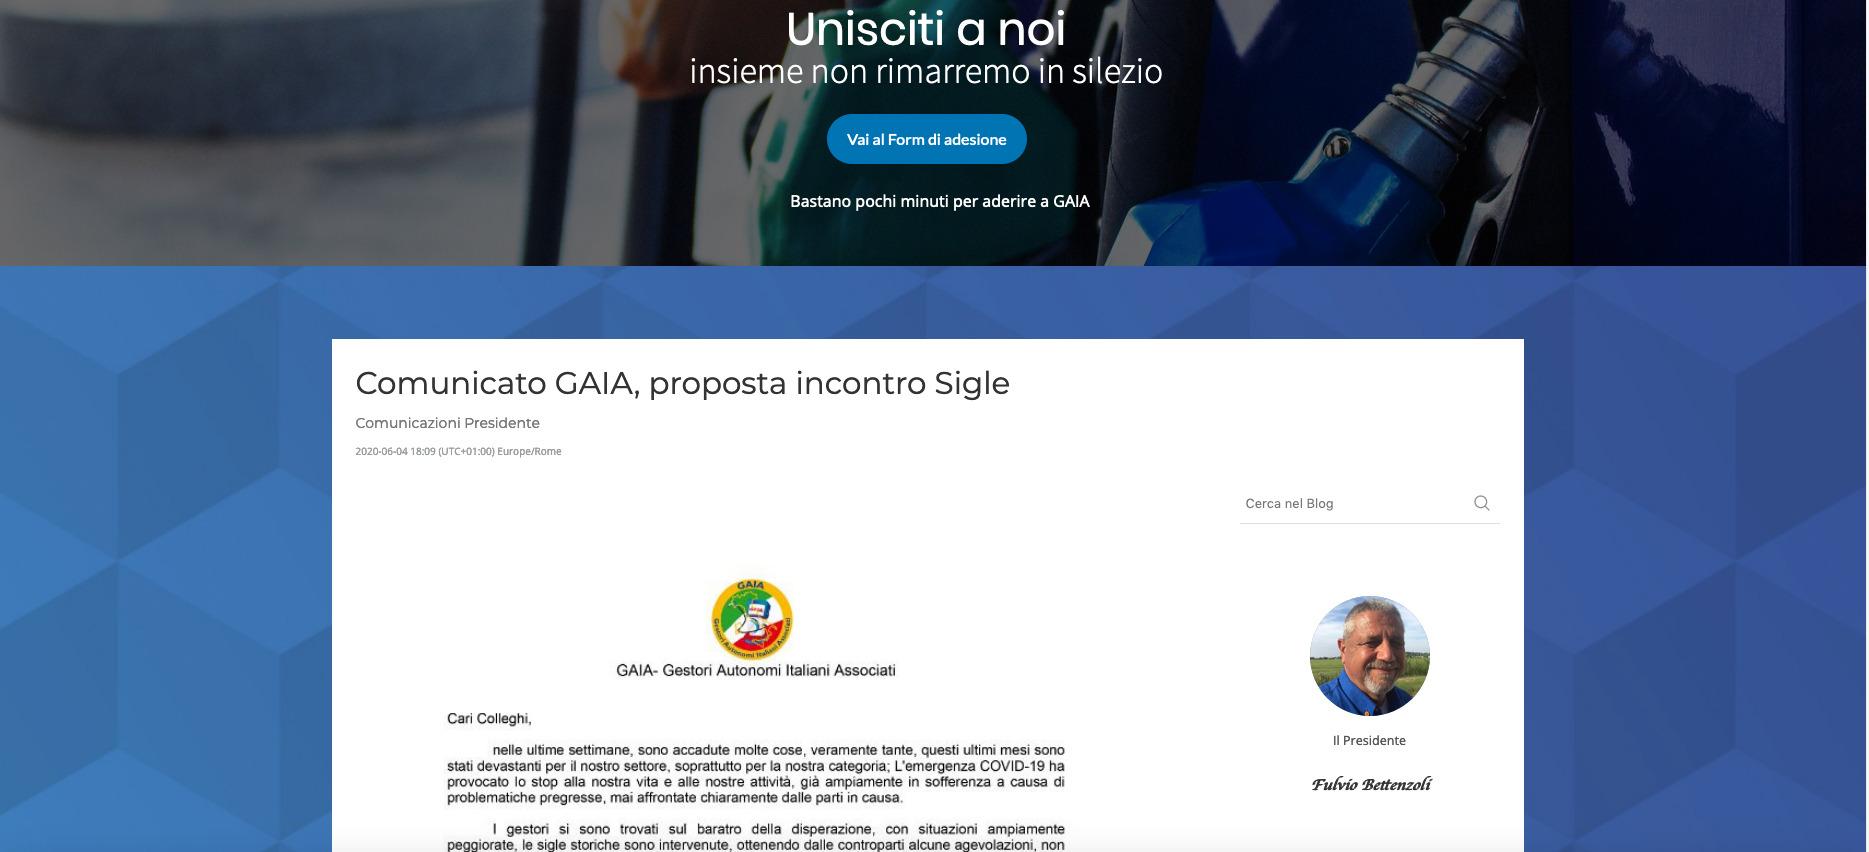 Comunicato GAIA, proposta incontro Sigle